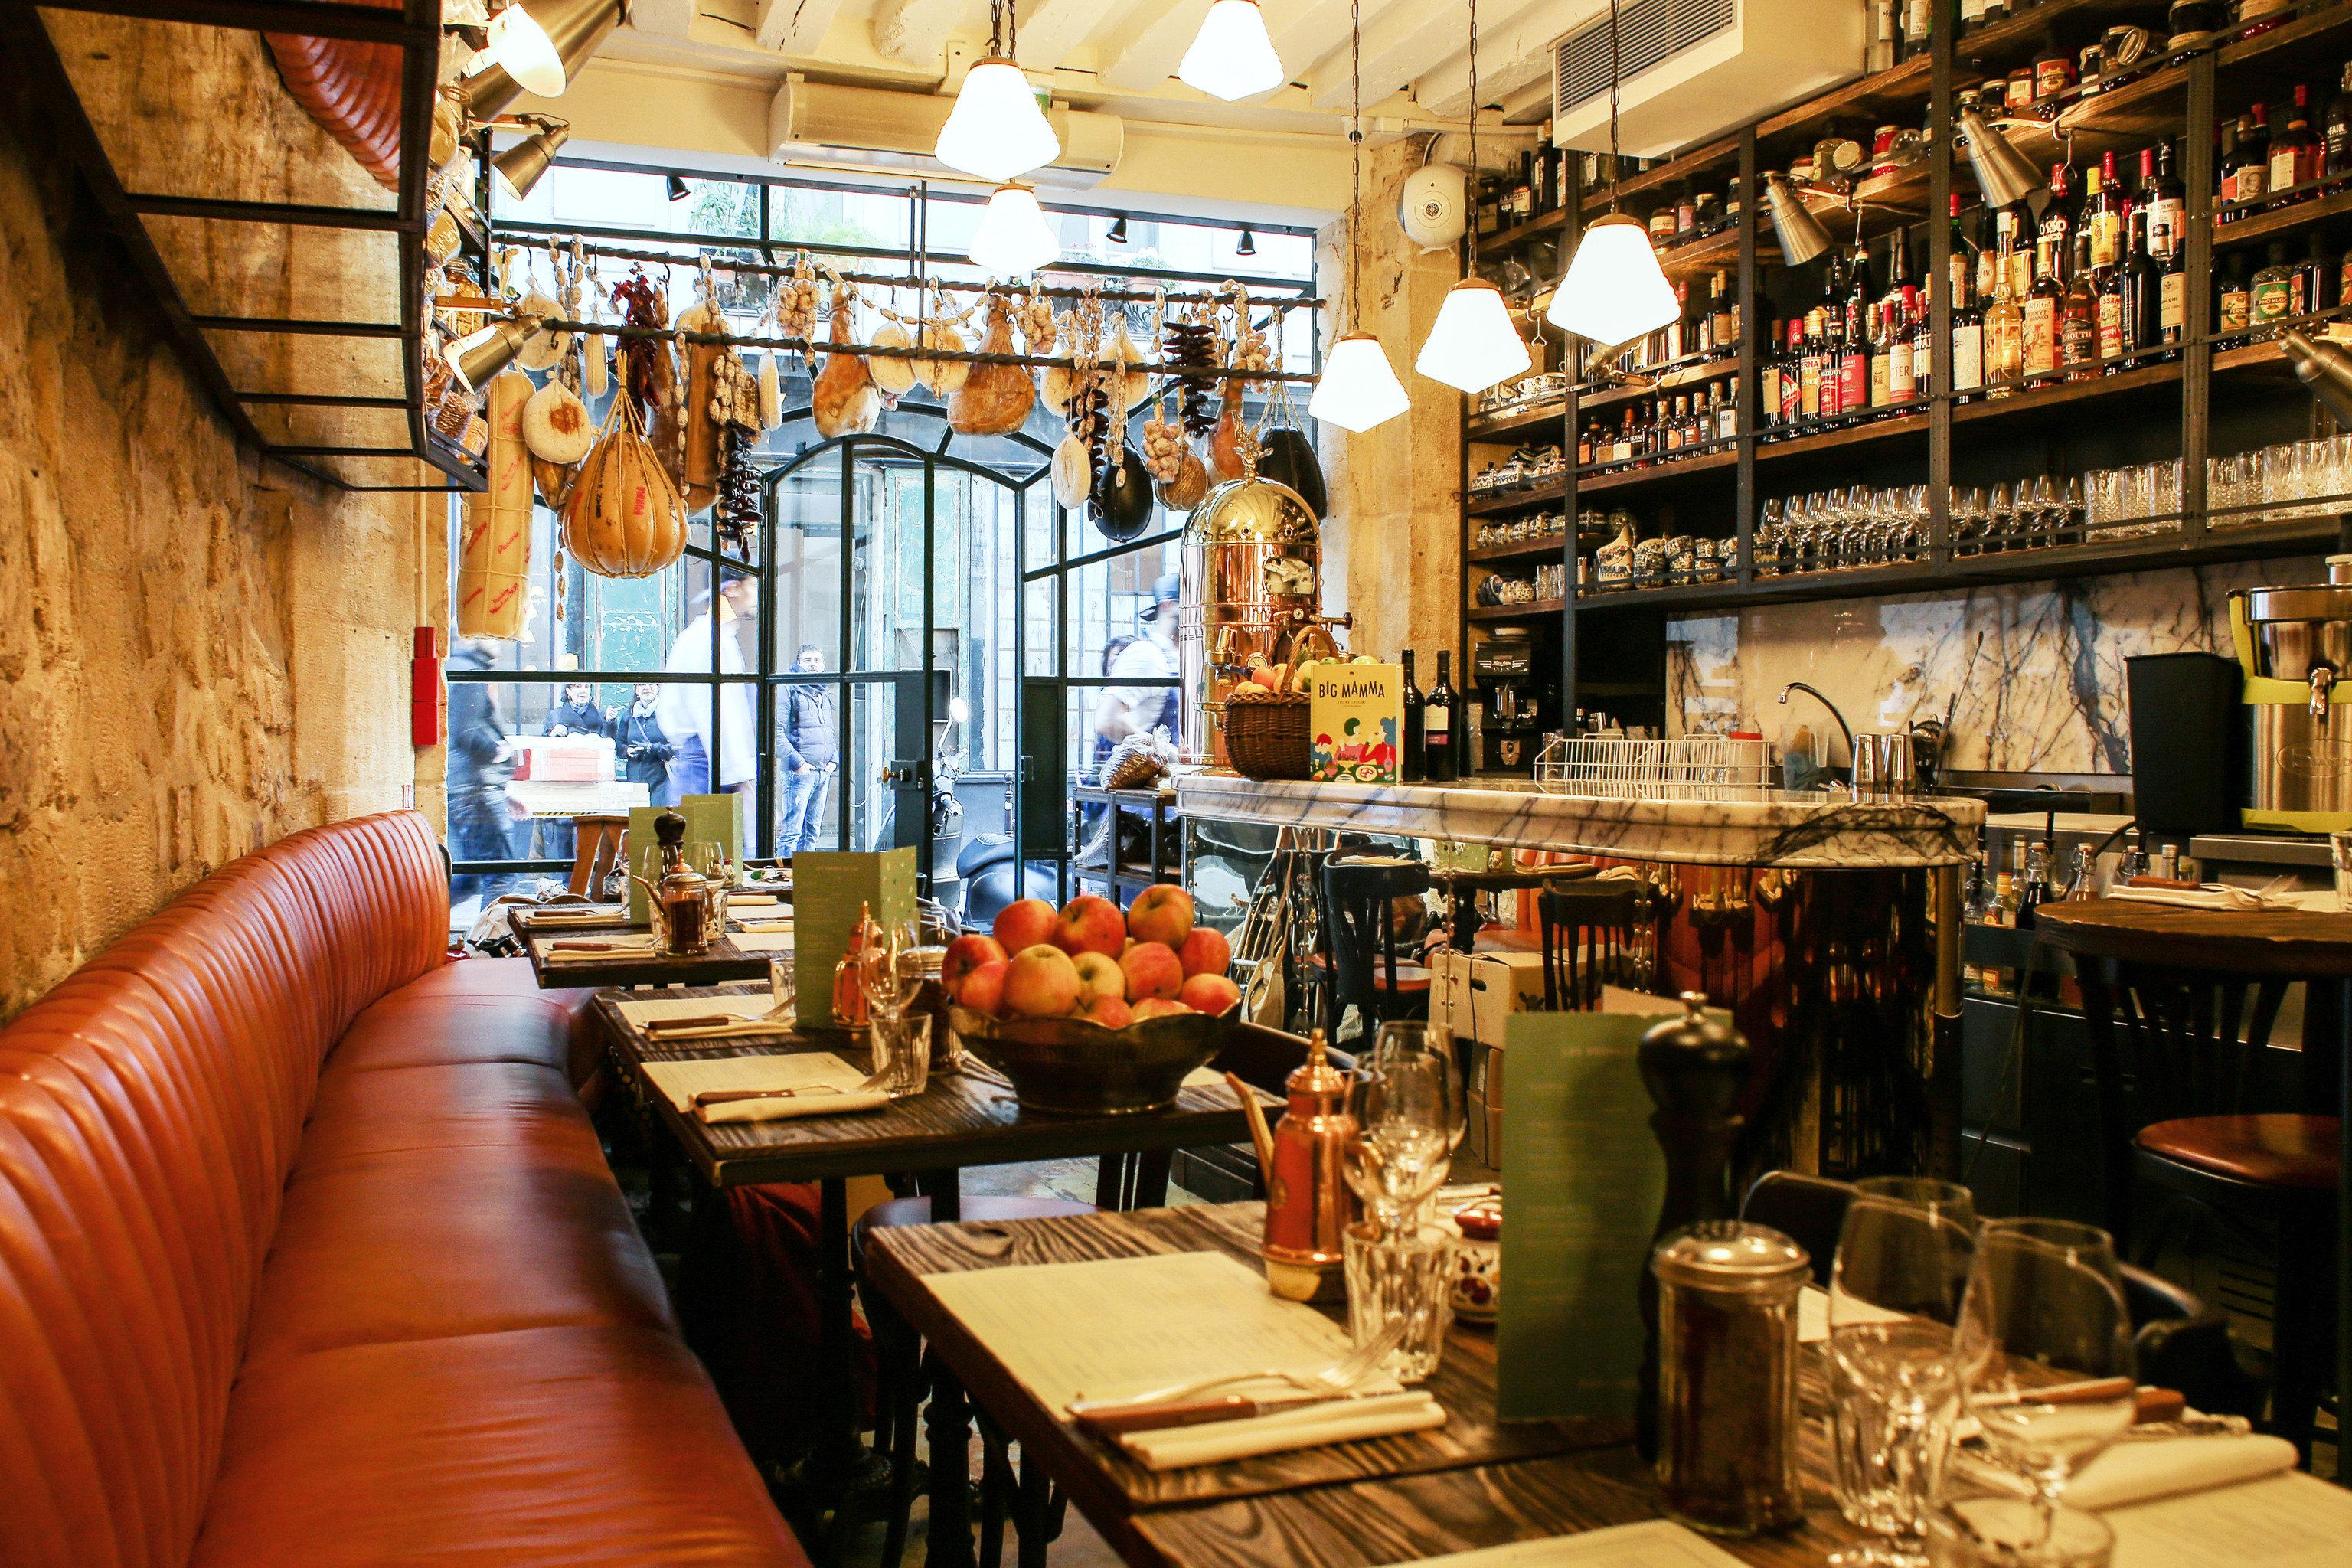 Food + Drink France Paris indoor room restaurant interior design Bar meal